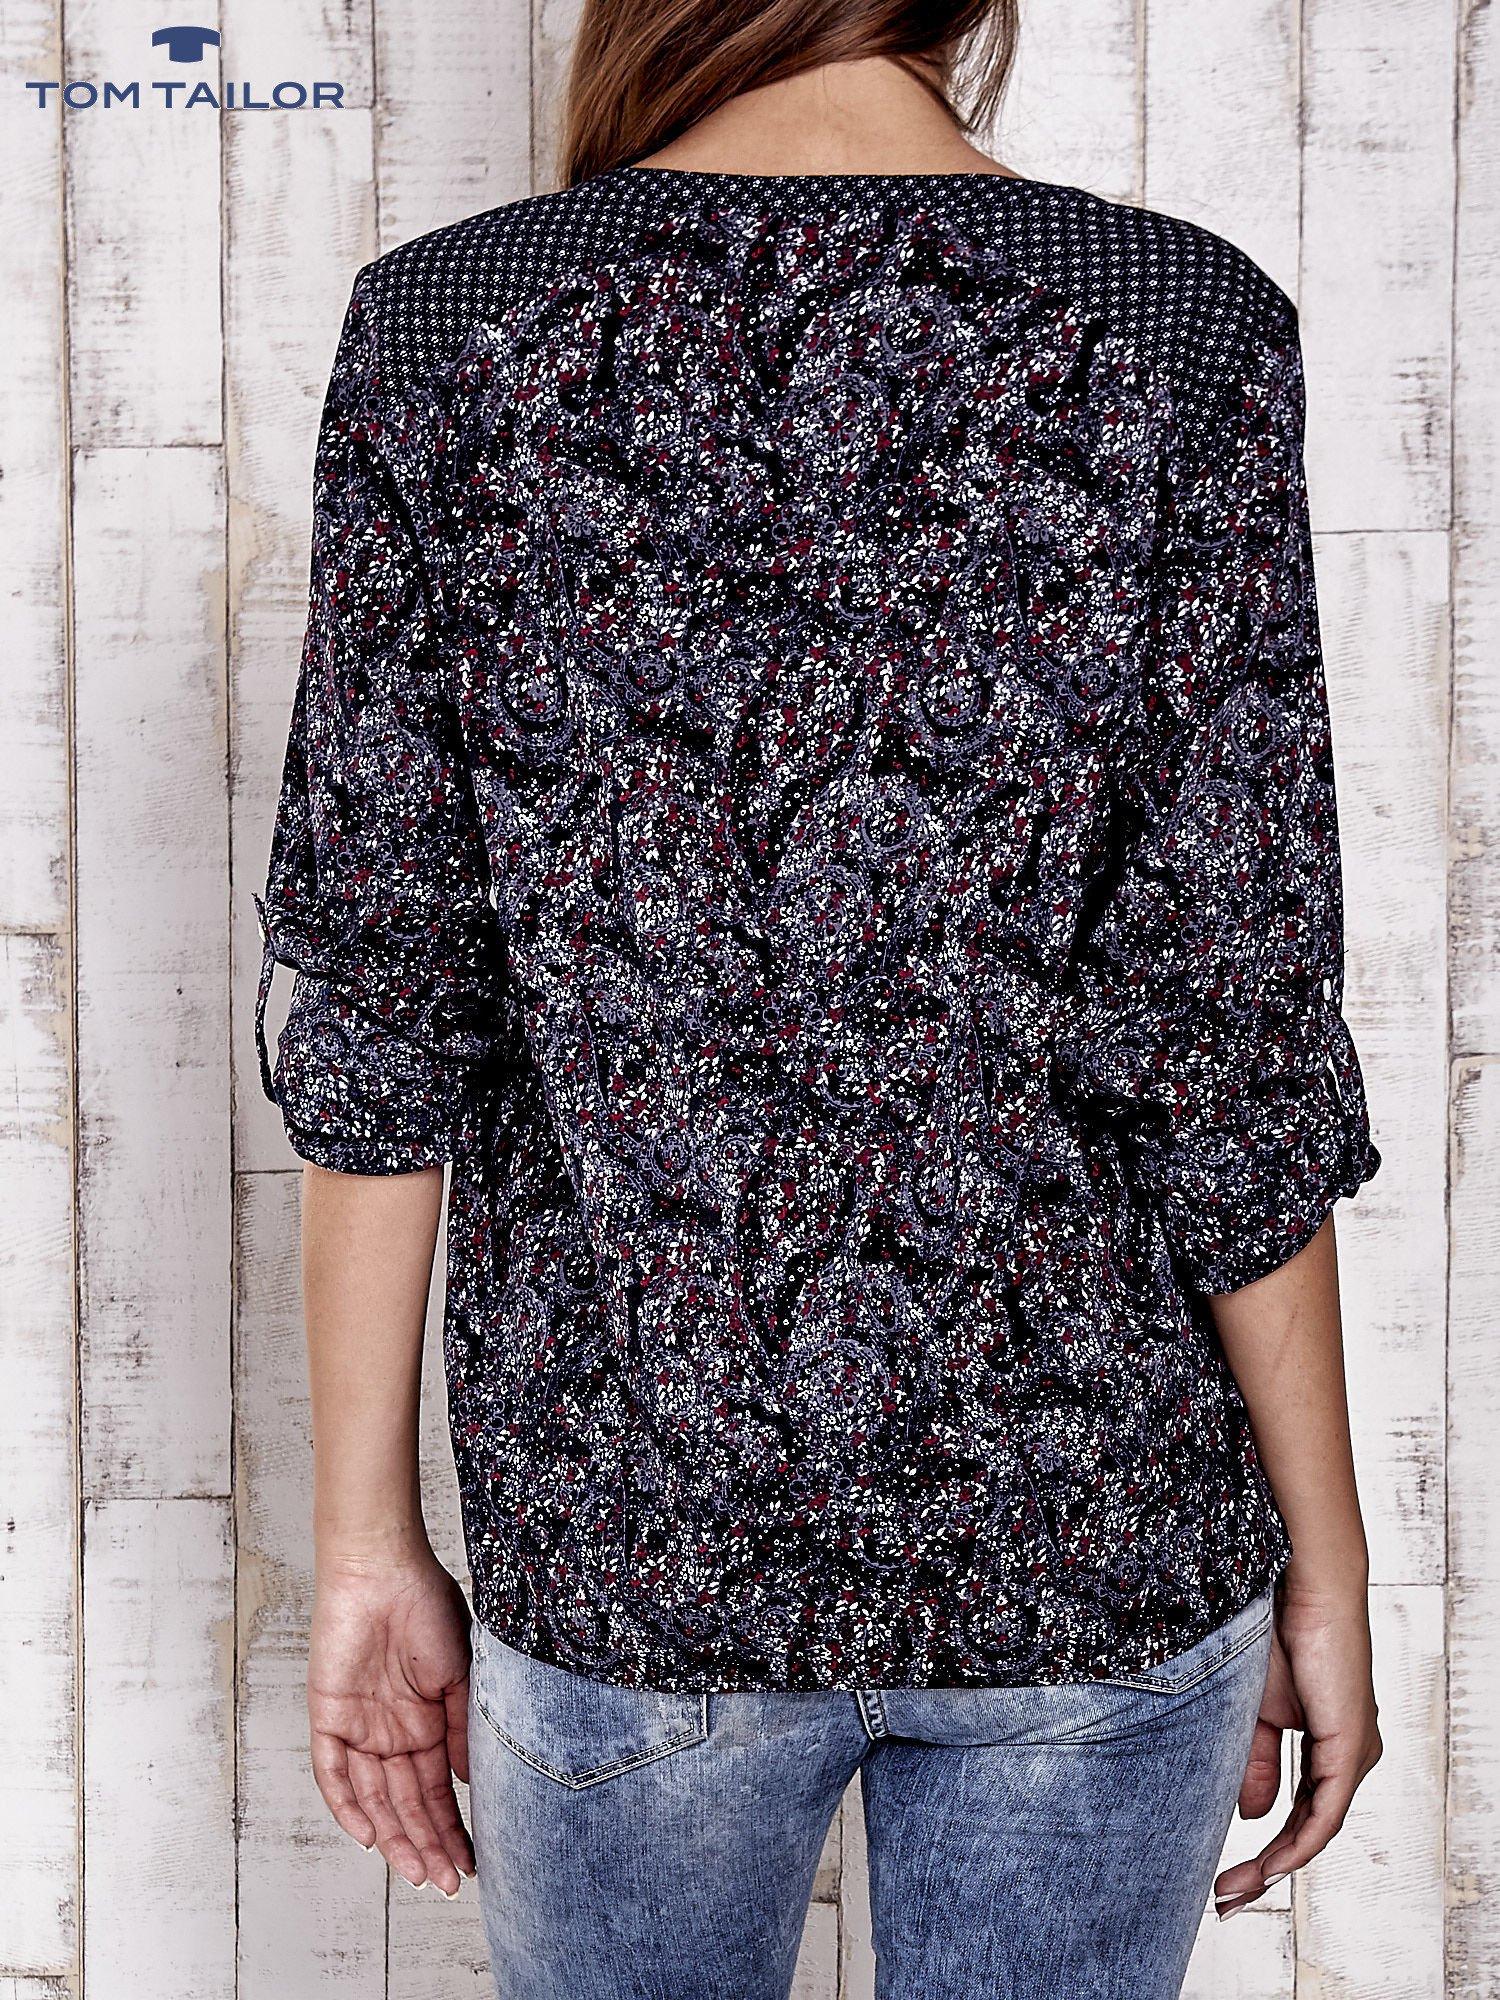 TOM TAILOR Granatowa koszula z podwijanymi rękawami wzór paisley                                  zdj.                                  3